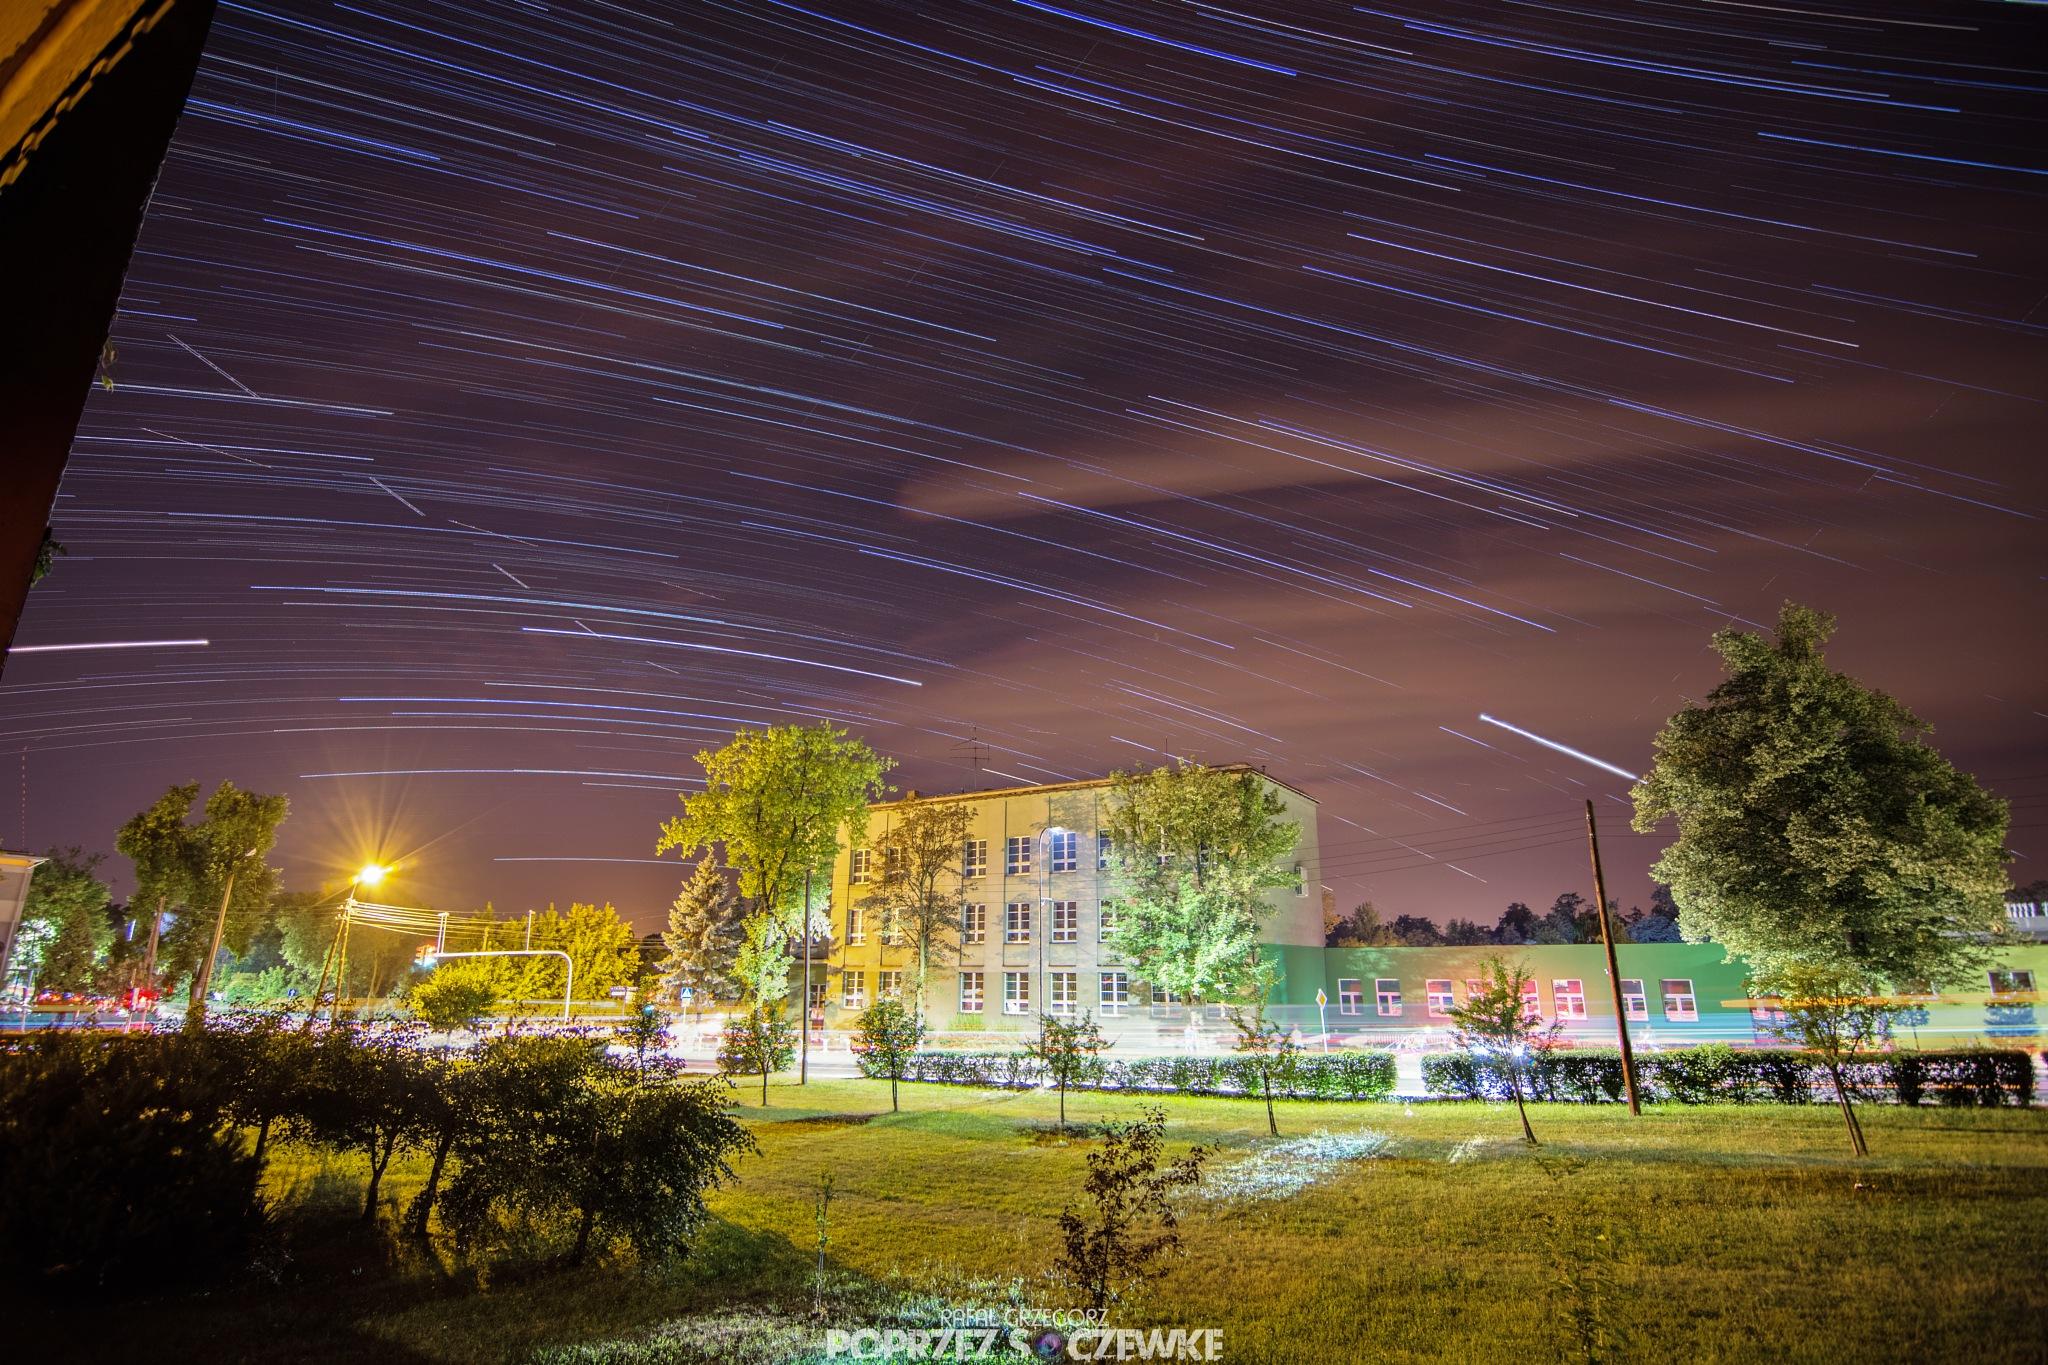 Star Trails by Rafal Grzegorz